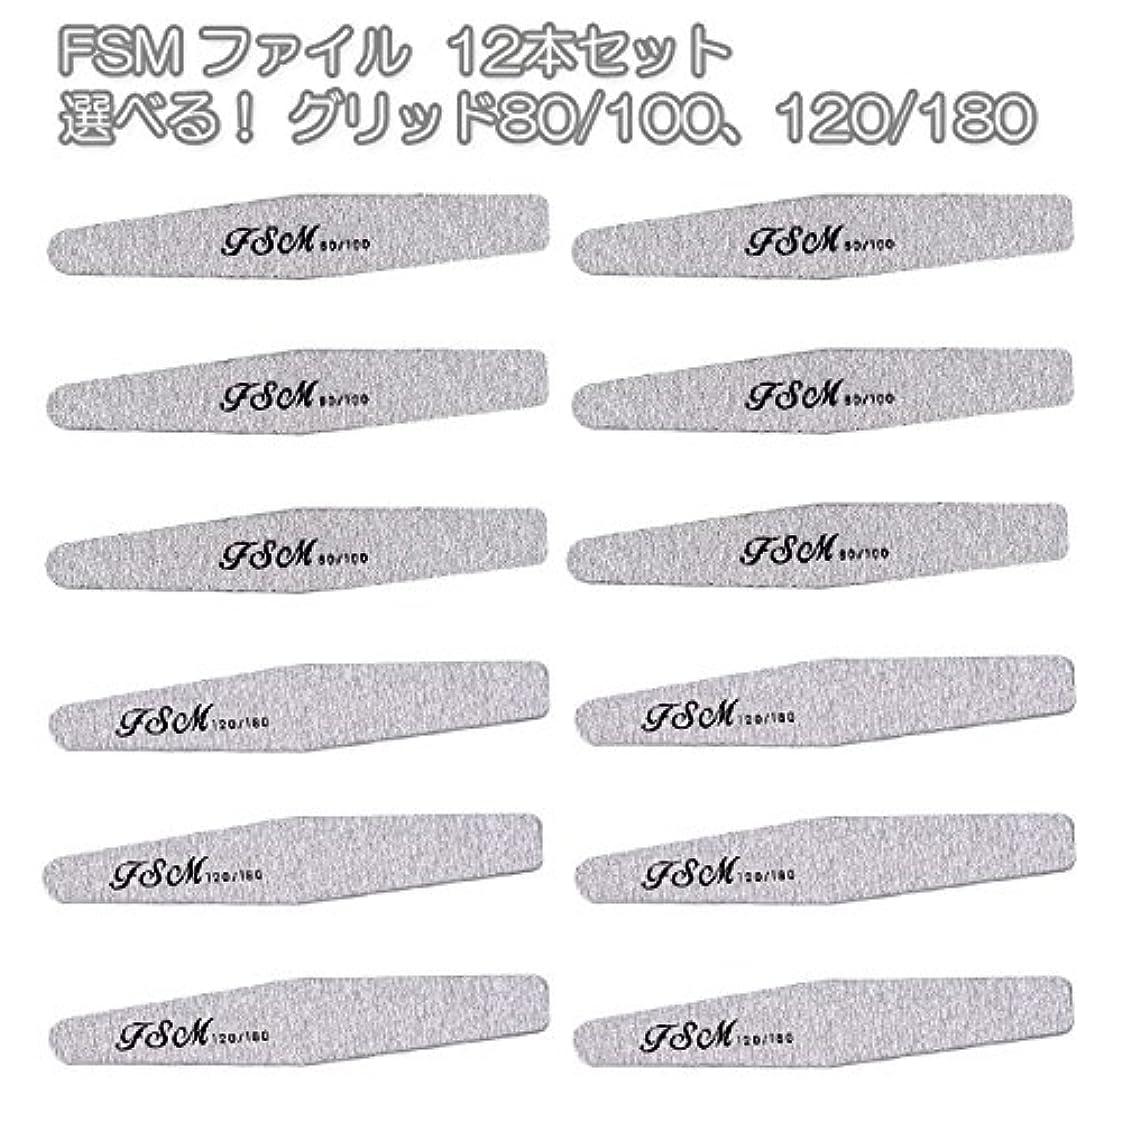 中庭入手しますお茶FSM ネイルファイル/バッファー12本セット(選べる!グリッド80/100、120/180) (G80/100の12本)